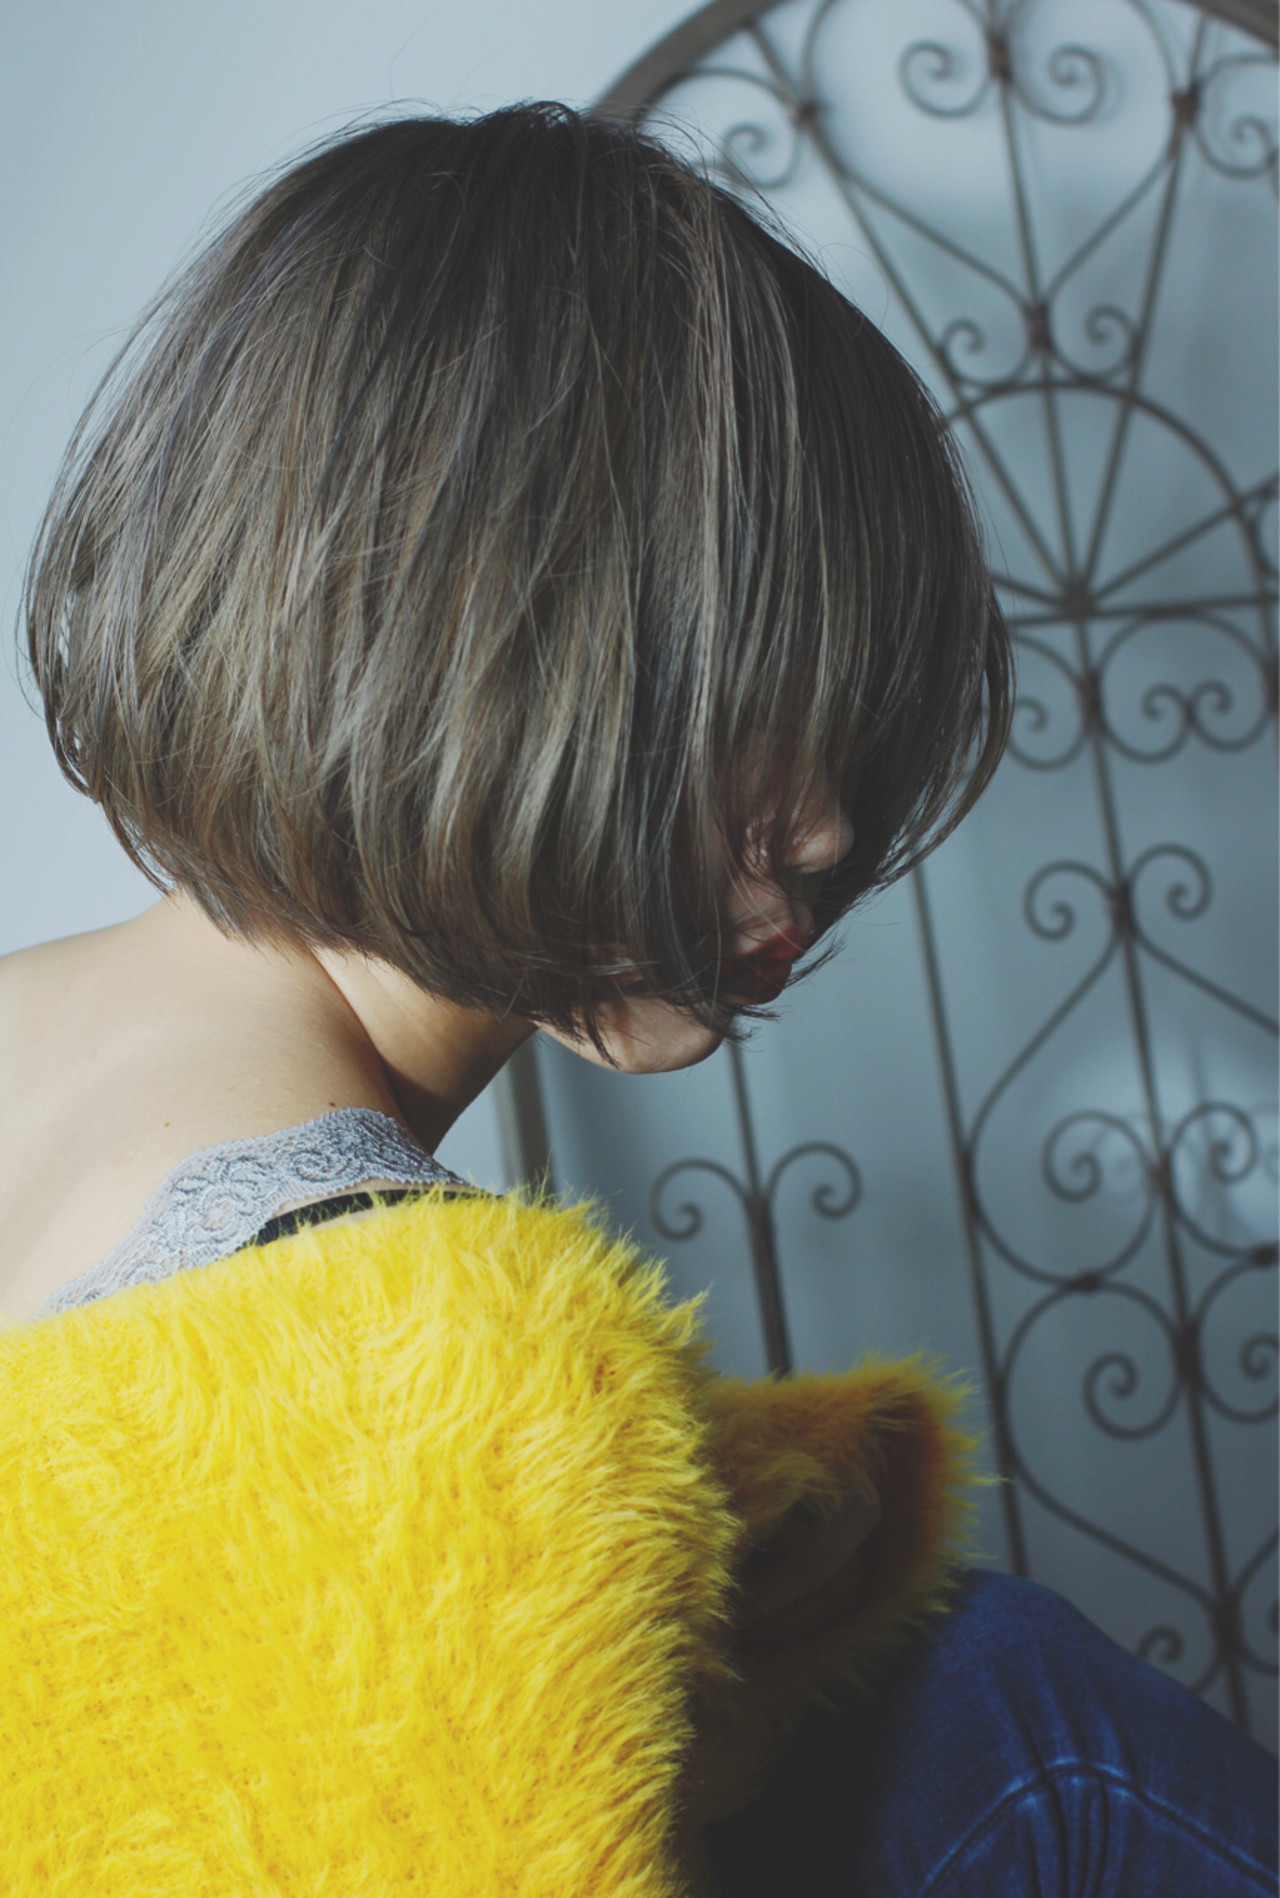 モード ボブ ニュアンス 愛され ヘアスタイルや髪型の写真・画像 | 公平 / SR in the room